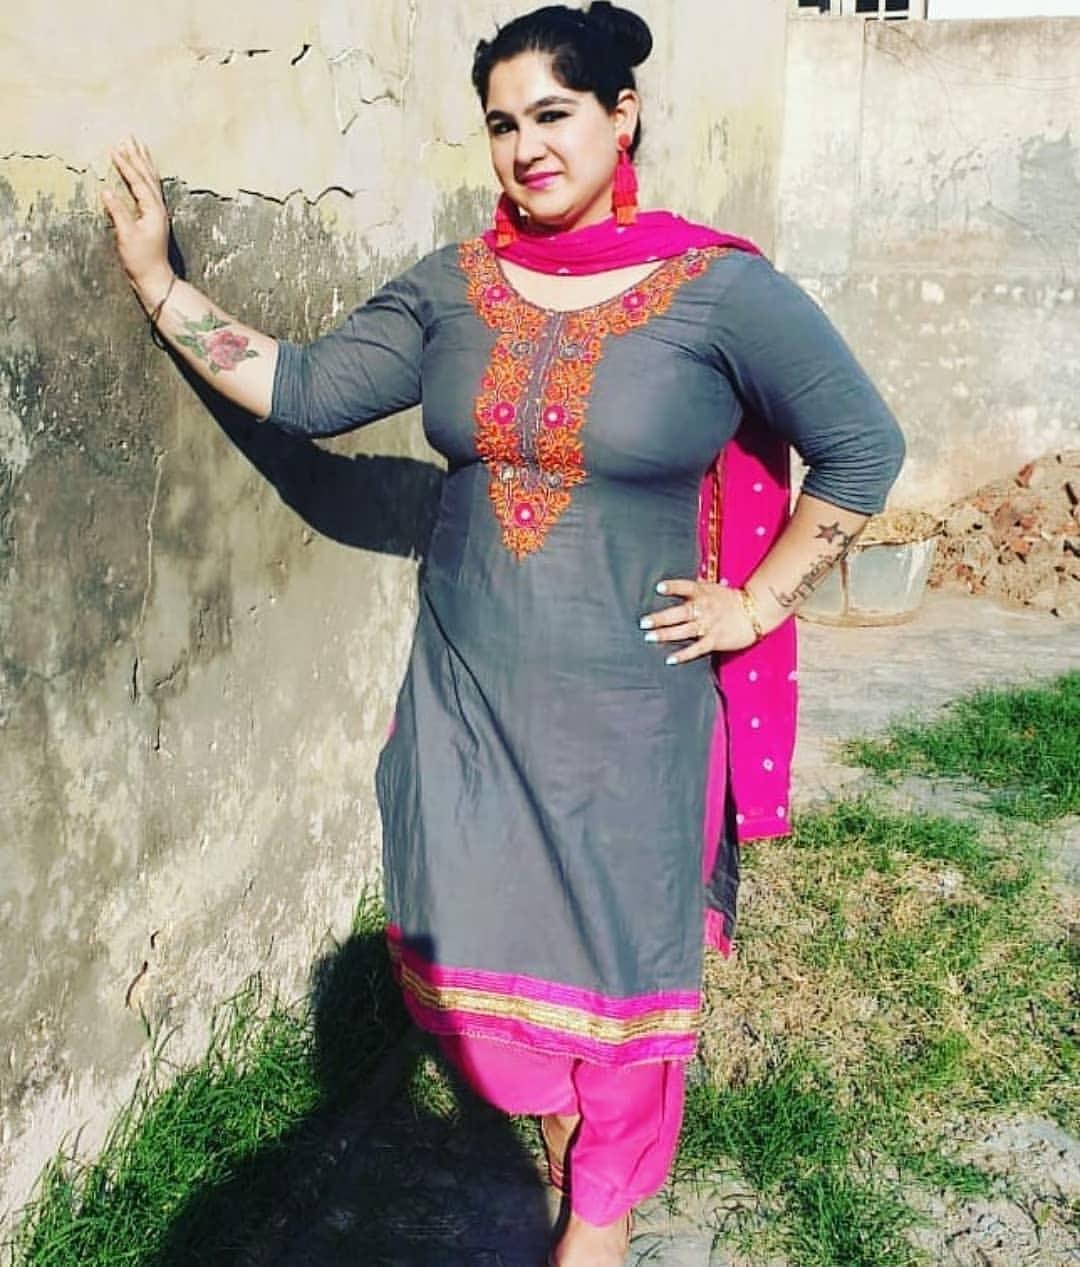 Punjabi Wedding Ceremony - Gurdwara Sahib of SouthWest